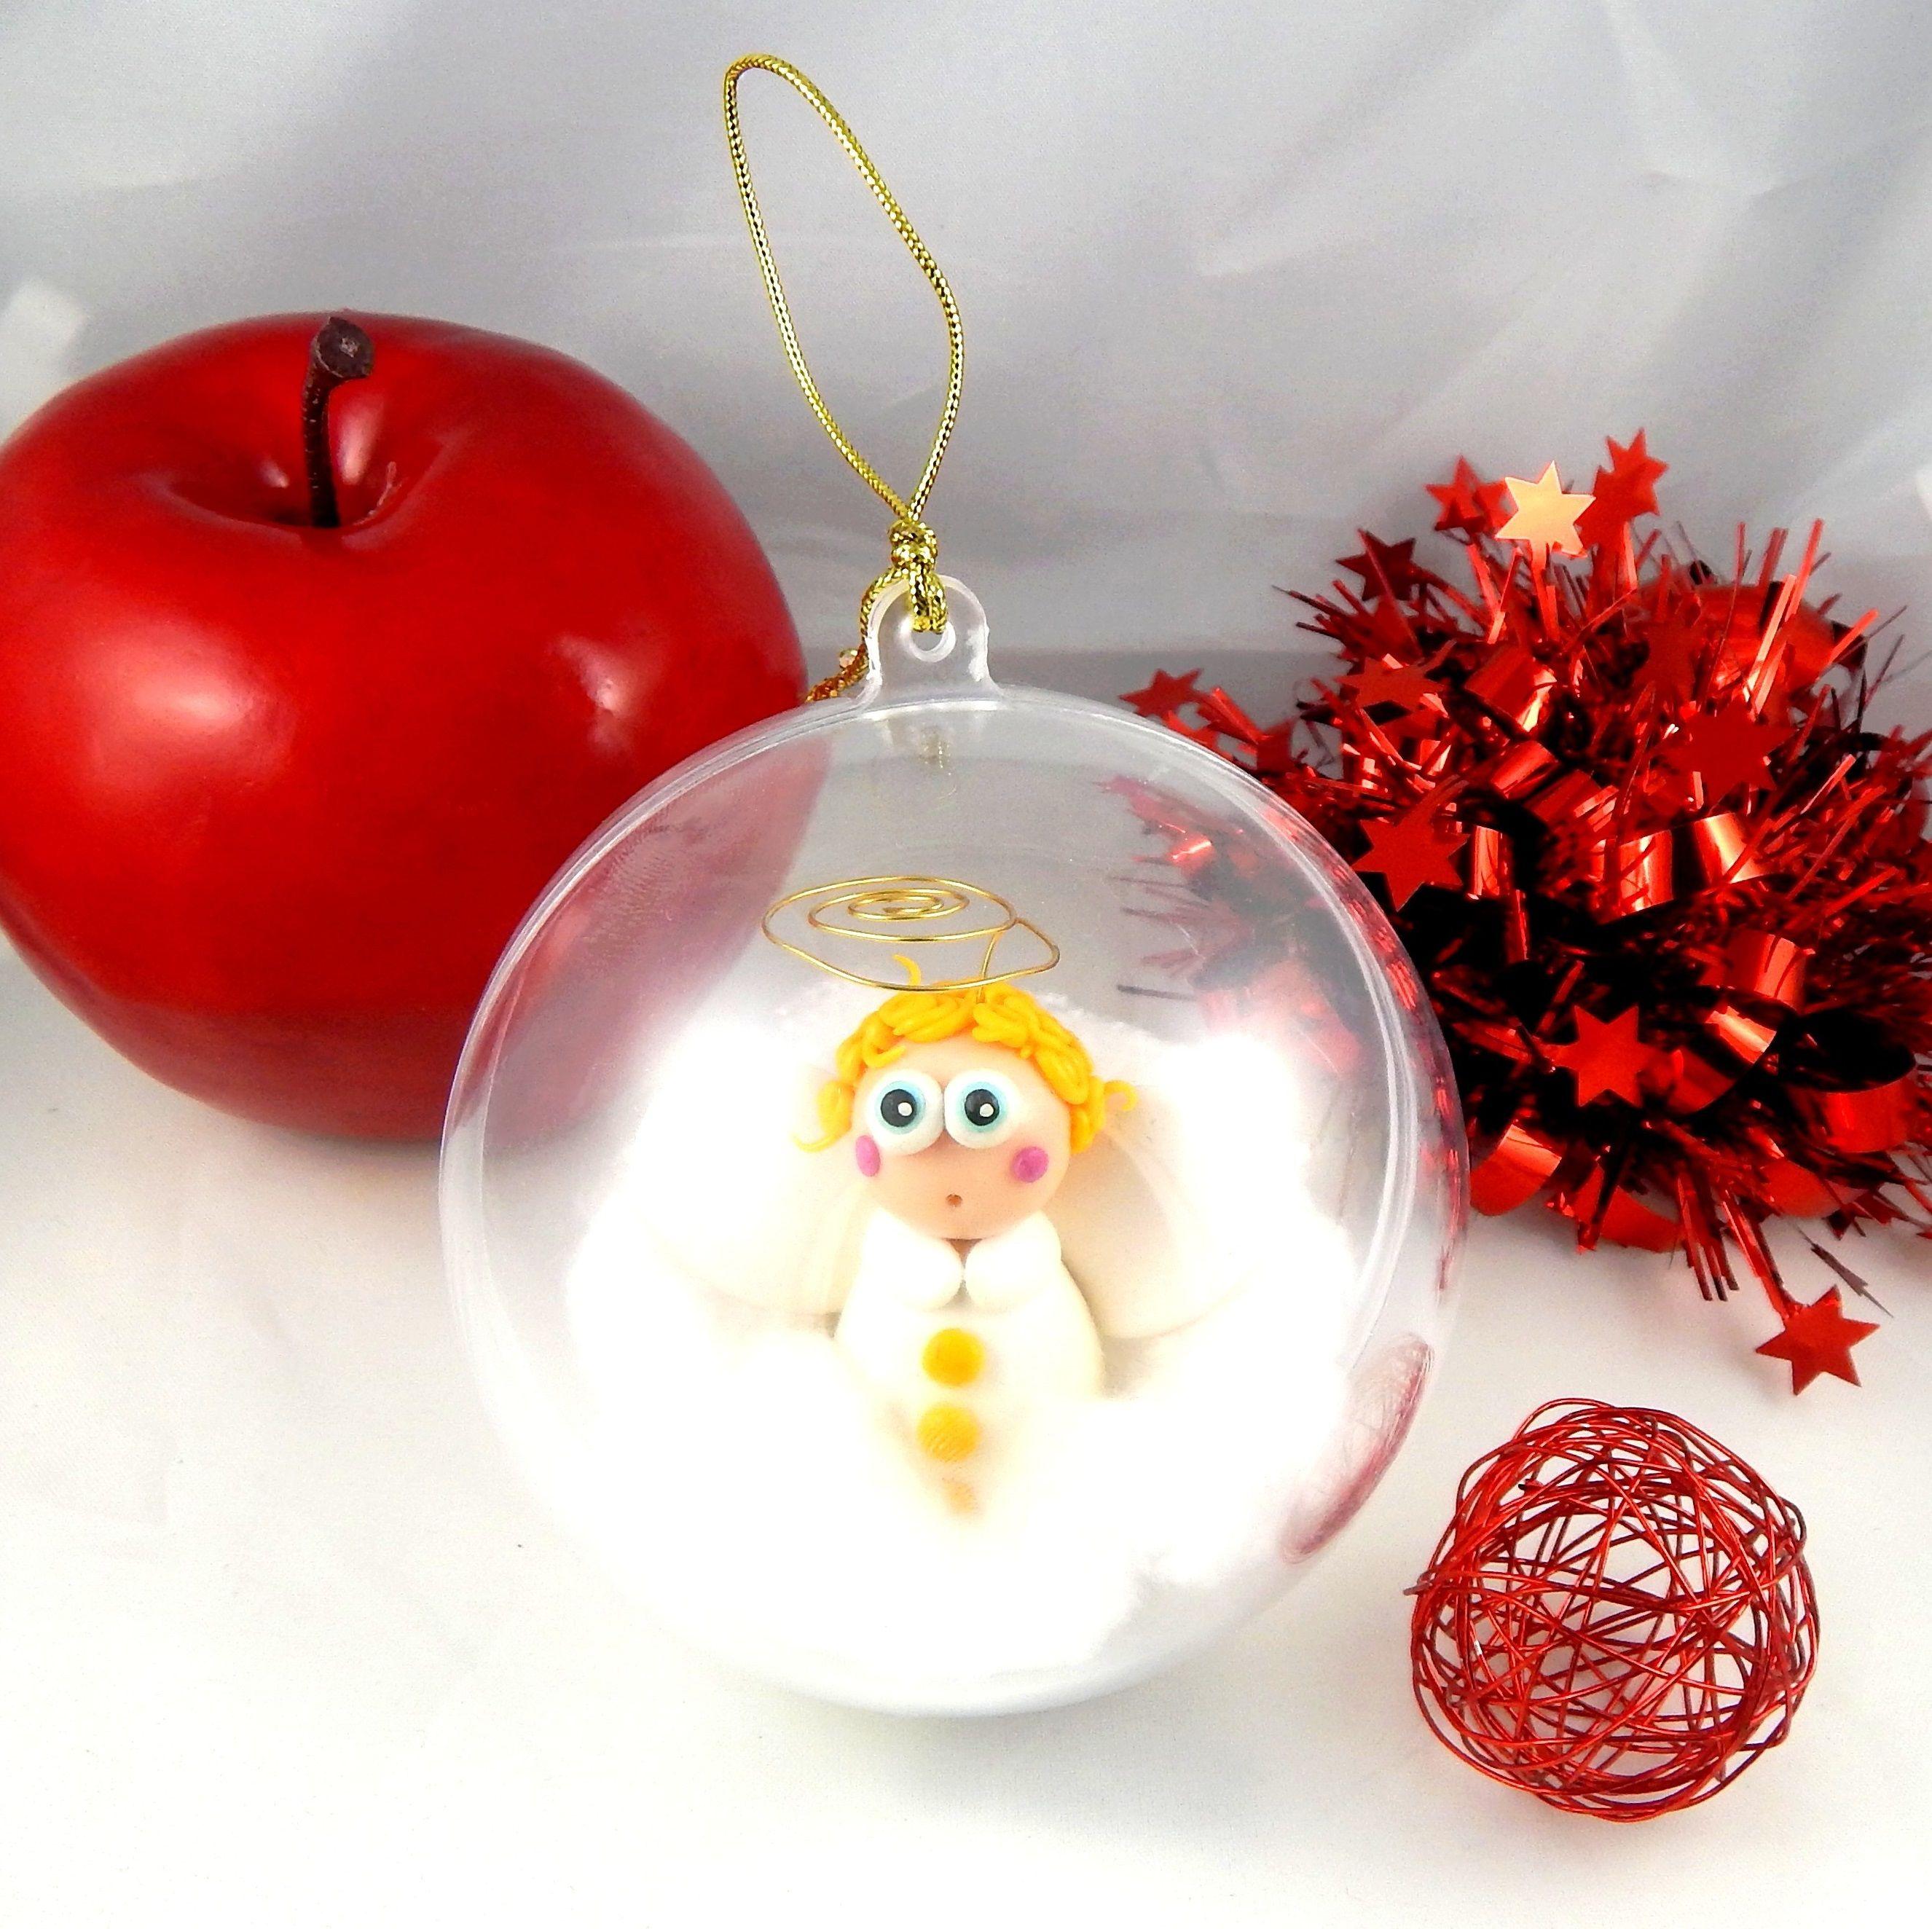 Boule De Noel Transparente A Decorer tout boule de noël transparente en plastique à suspendre dans le sapin